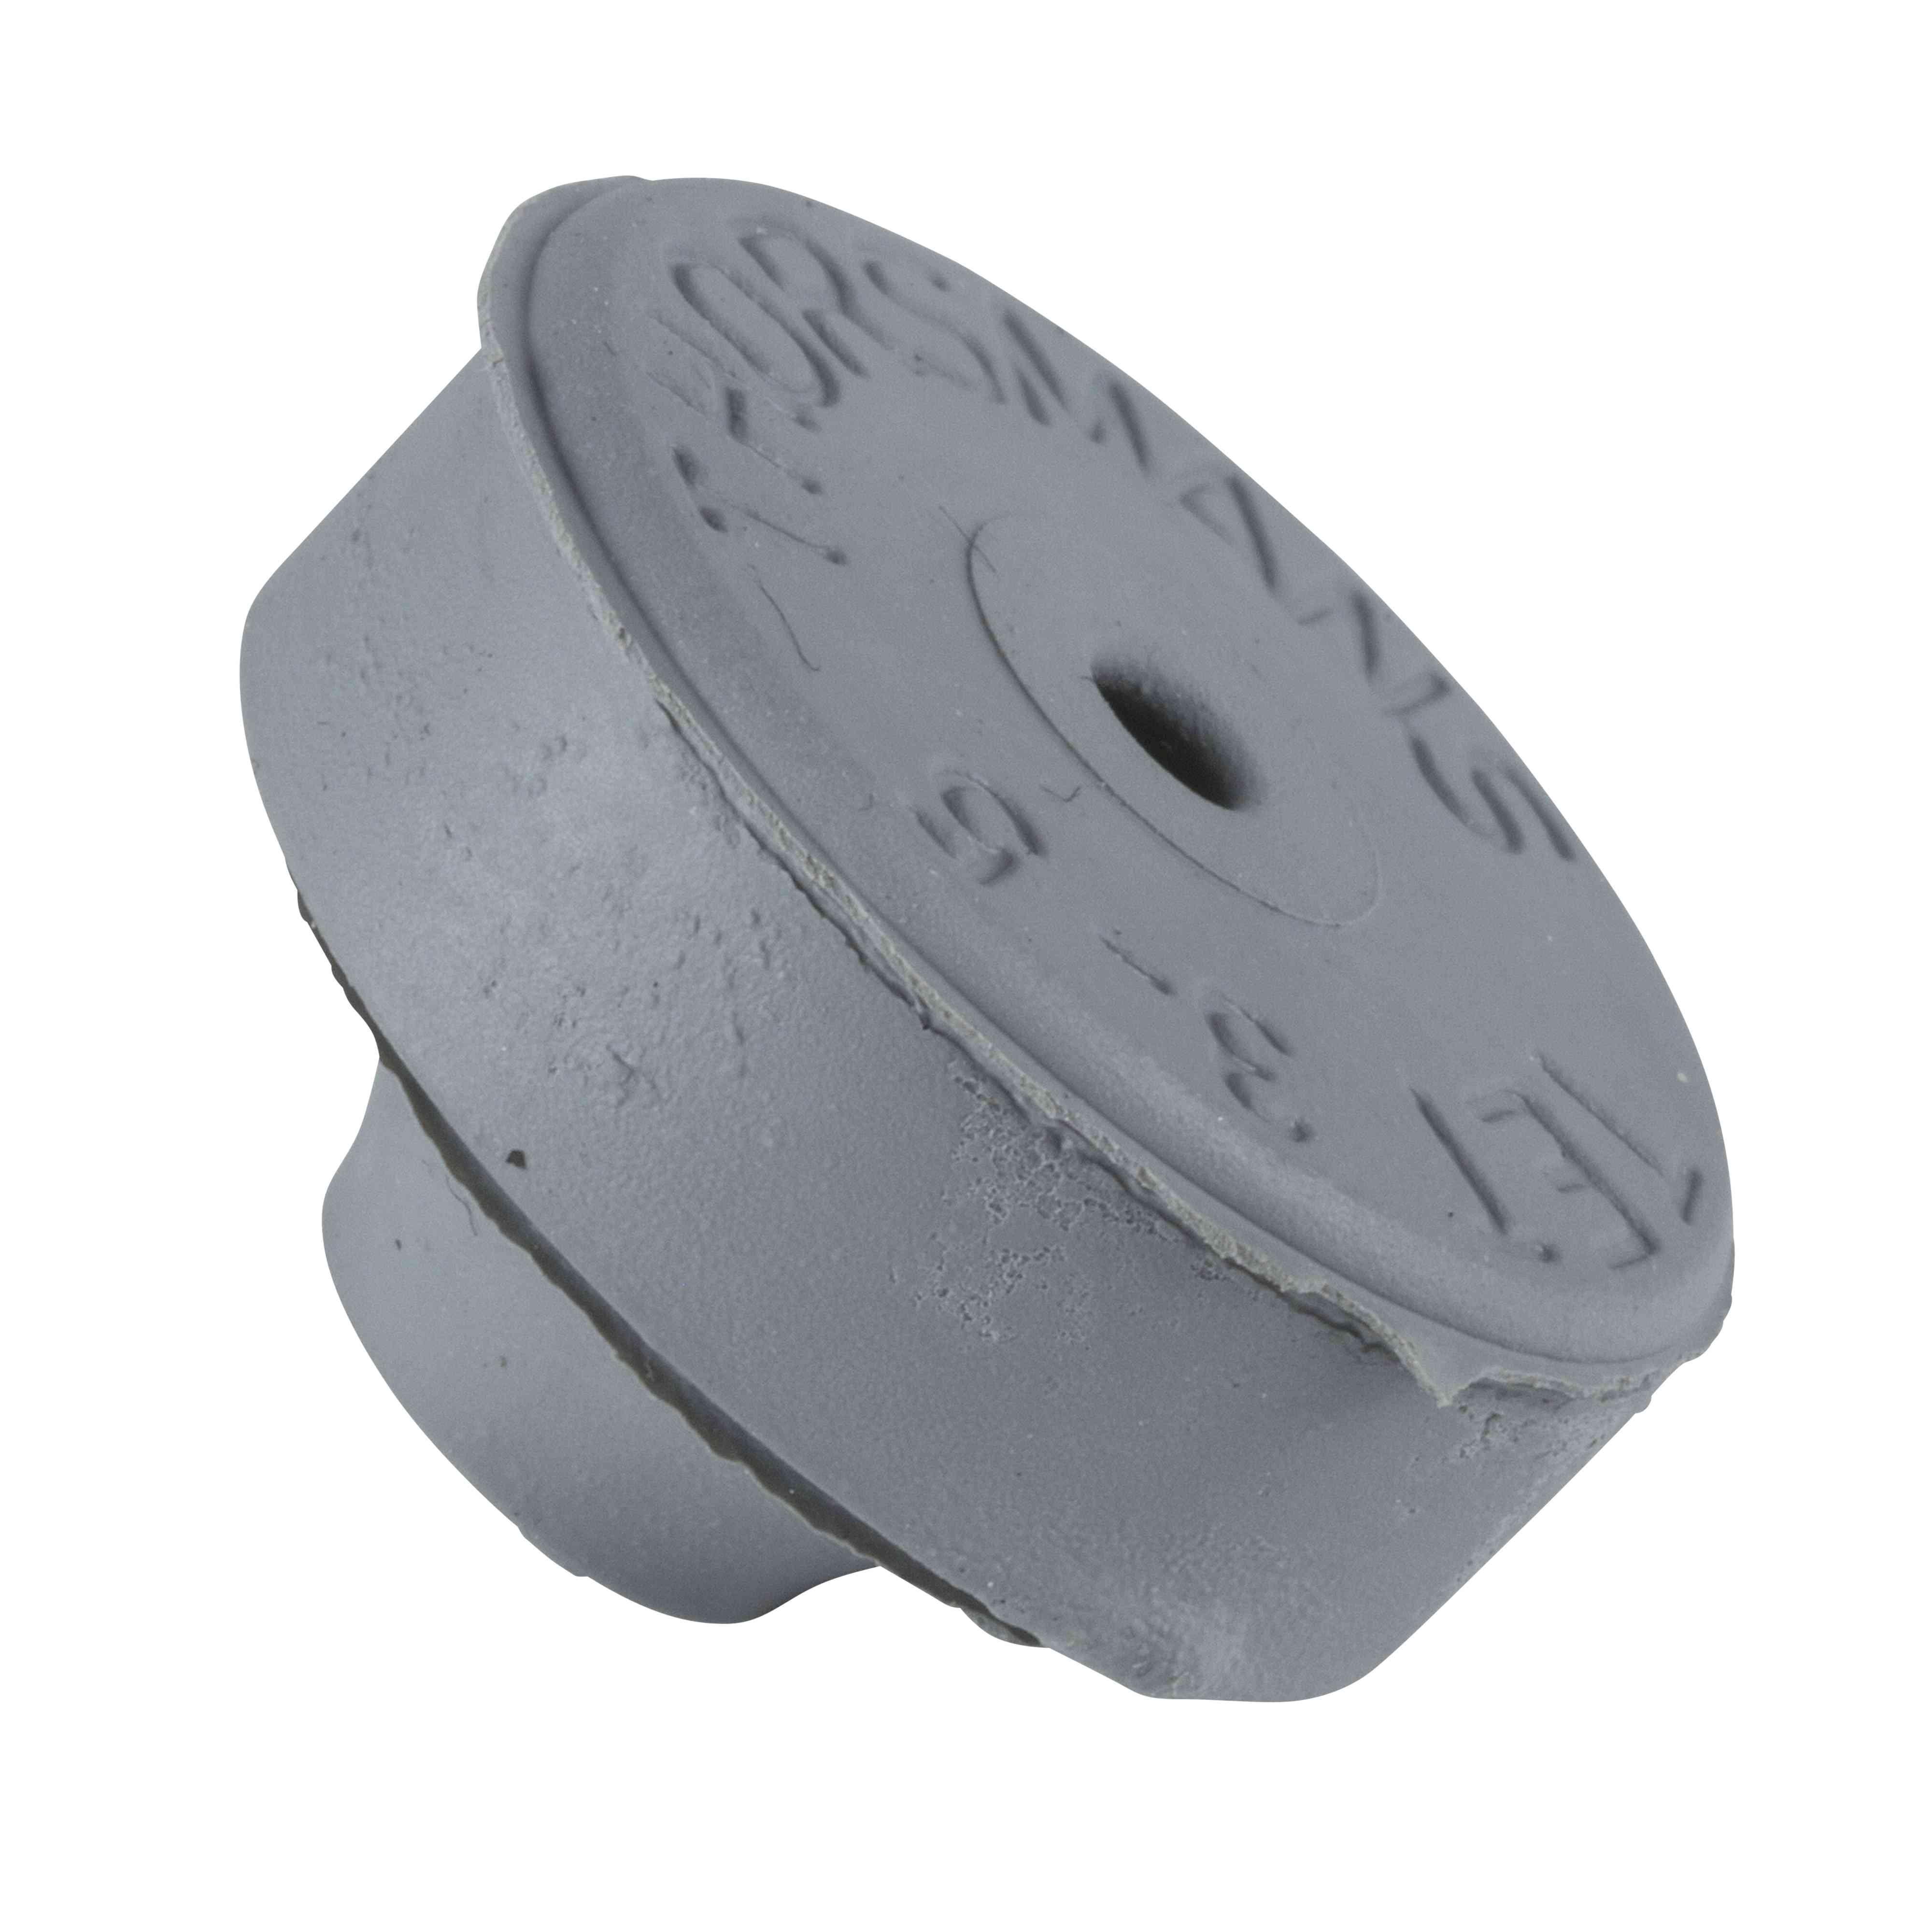 Thorsman TET - zanka - siva - ISO M12 - premer 3 do 5